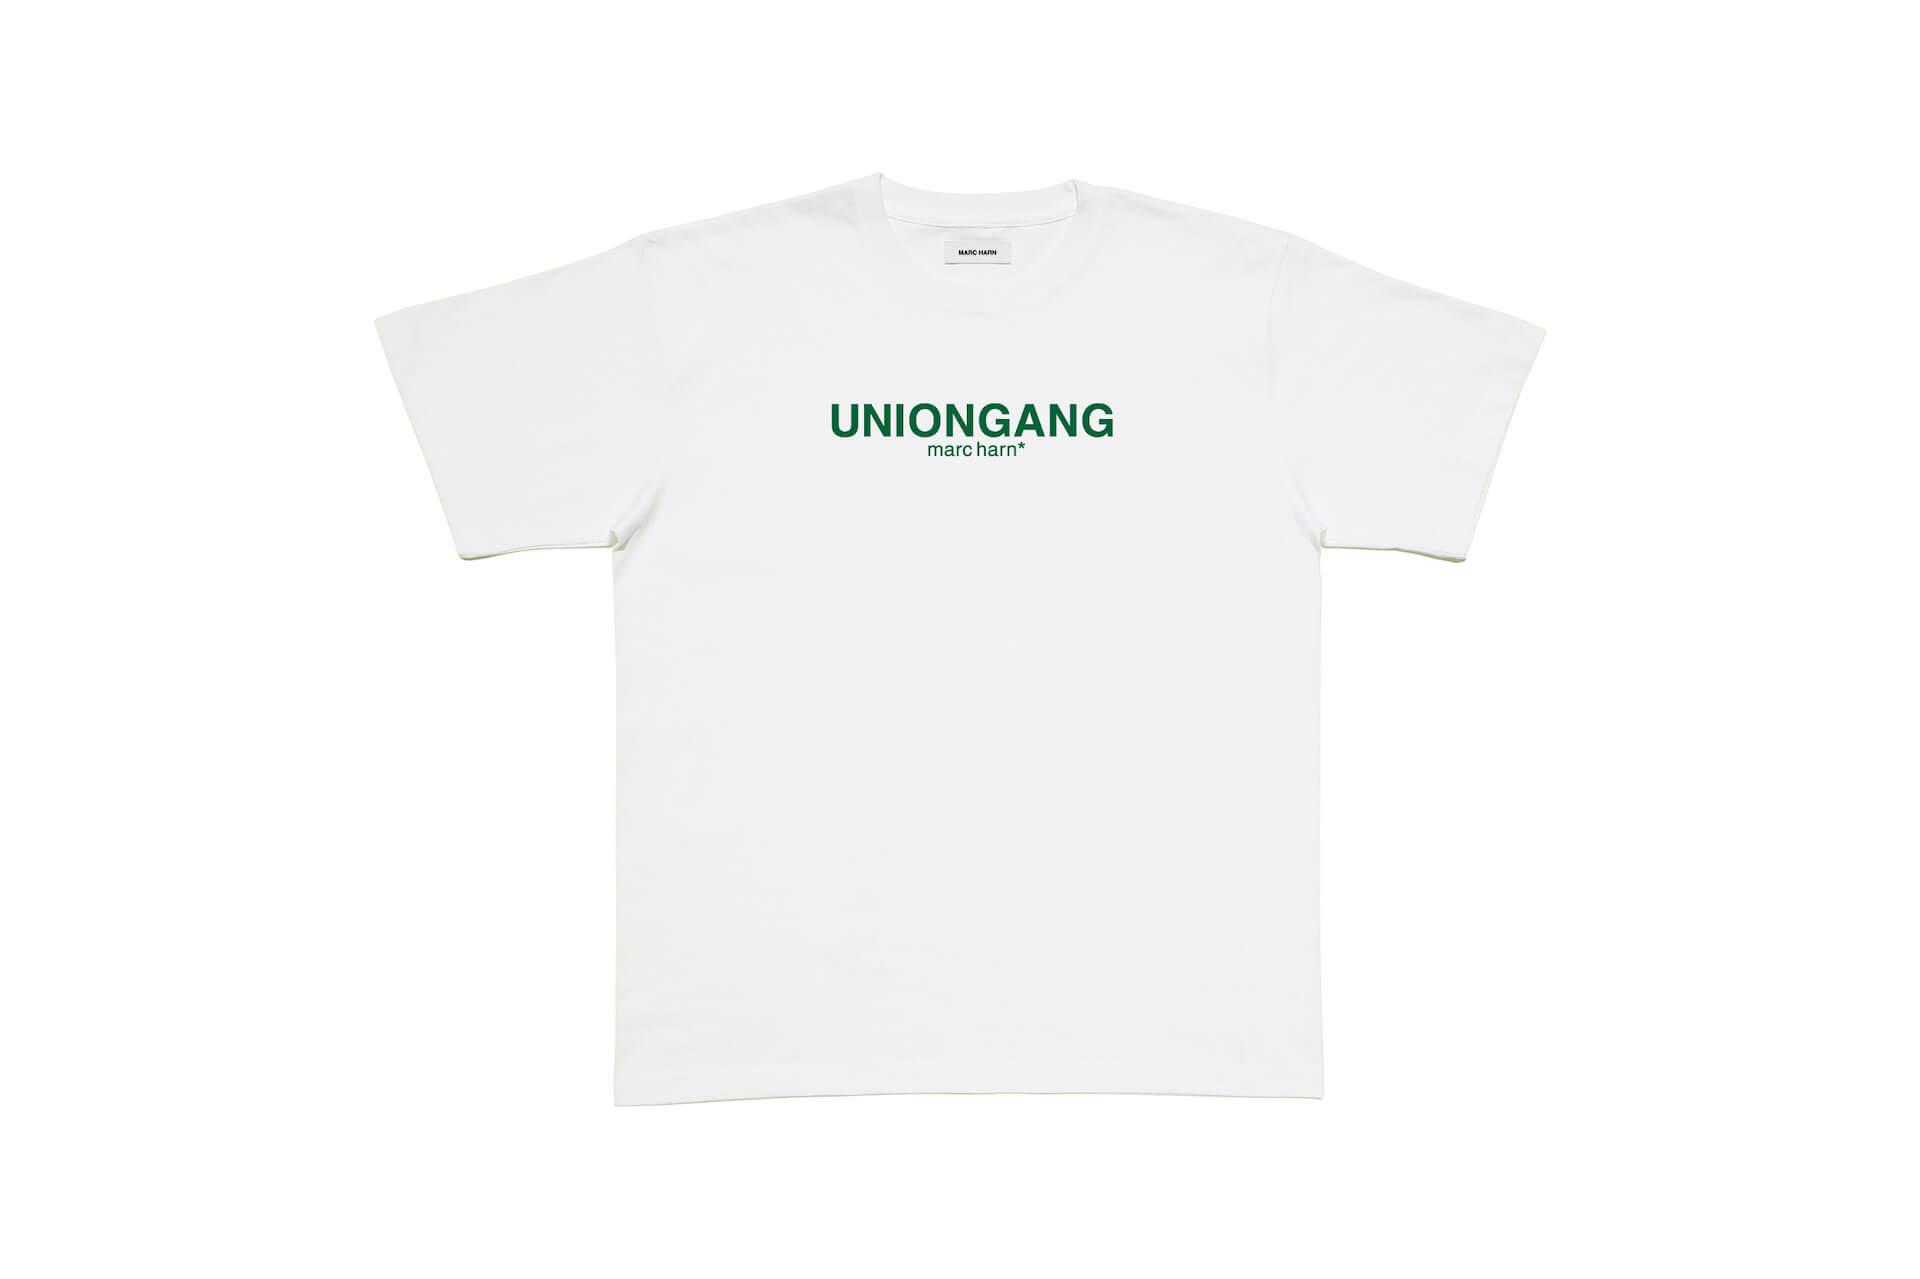 MARC HARNより架空国家「UNIONGANG」をコンセプトにした新コレクションが登場! life210608_marcharn_12